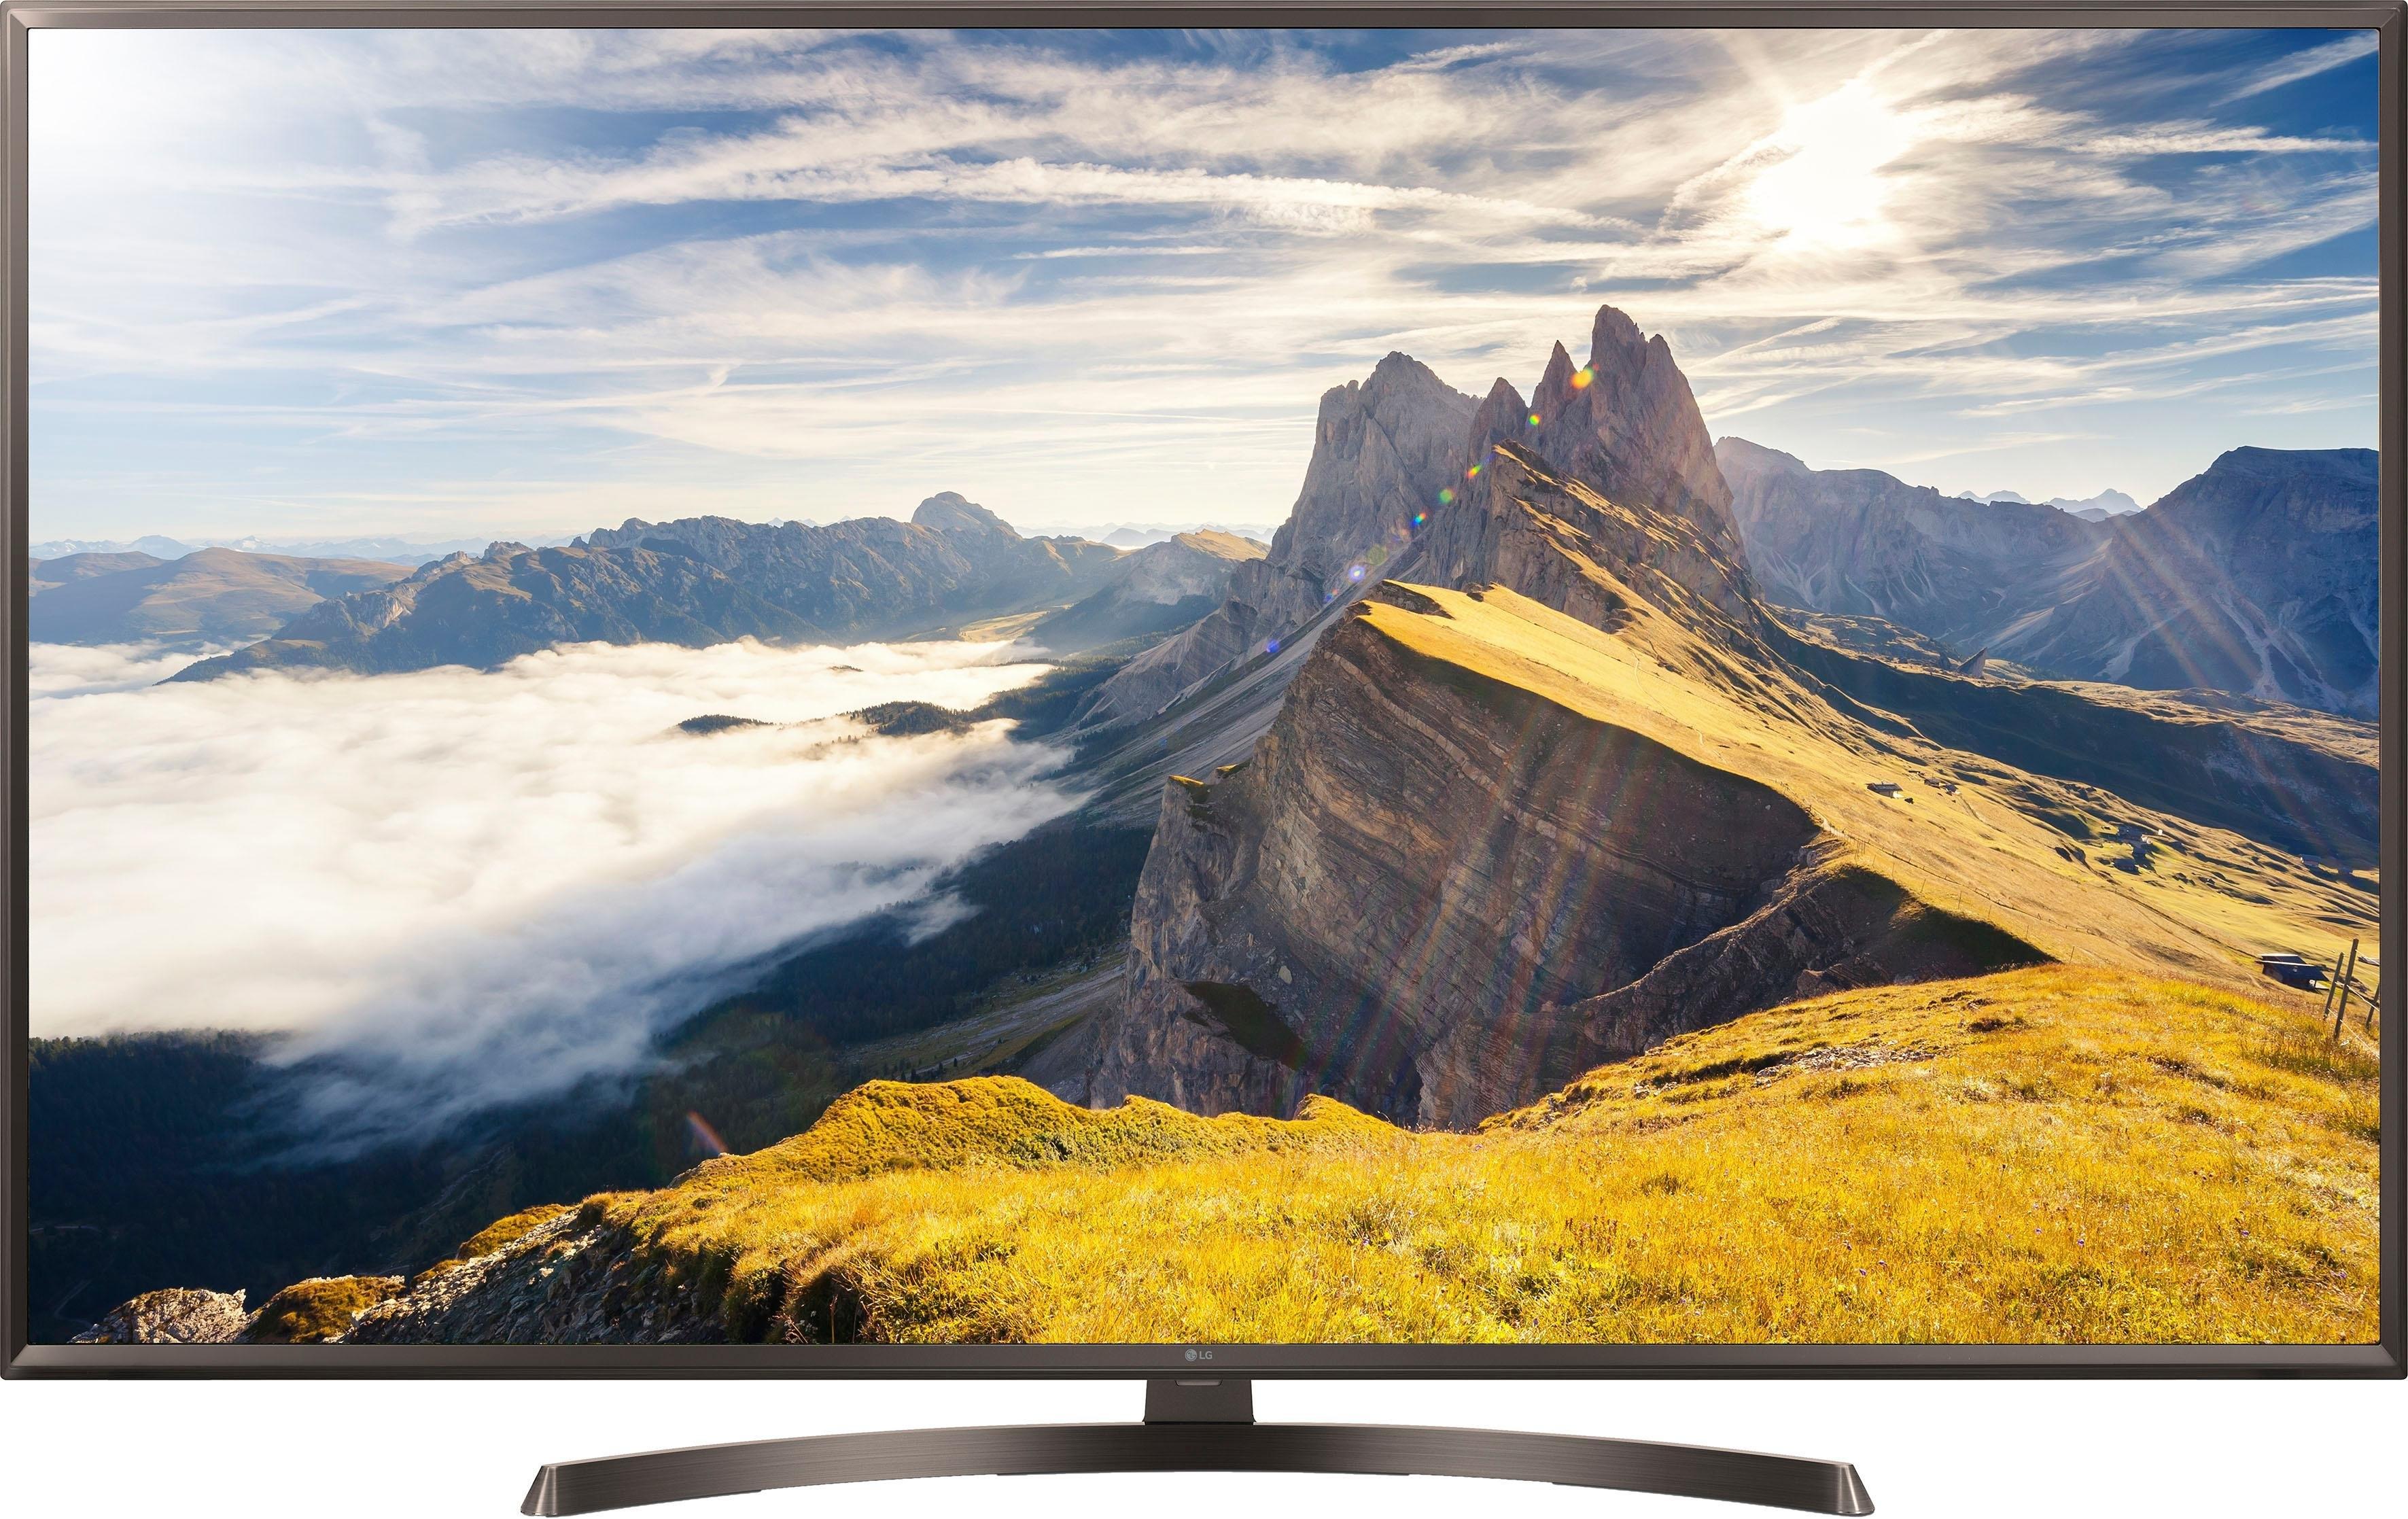 LG 55UK6400PLF led-tv (139 cm / (55 inch), 4K Ultra HD, smart-tv bestellen: 14 dagen bedenktijd